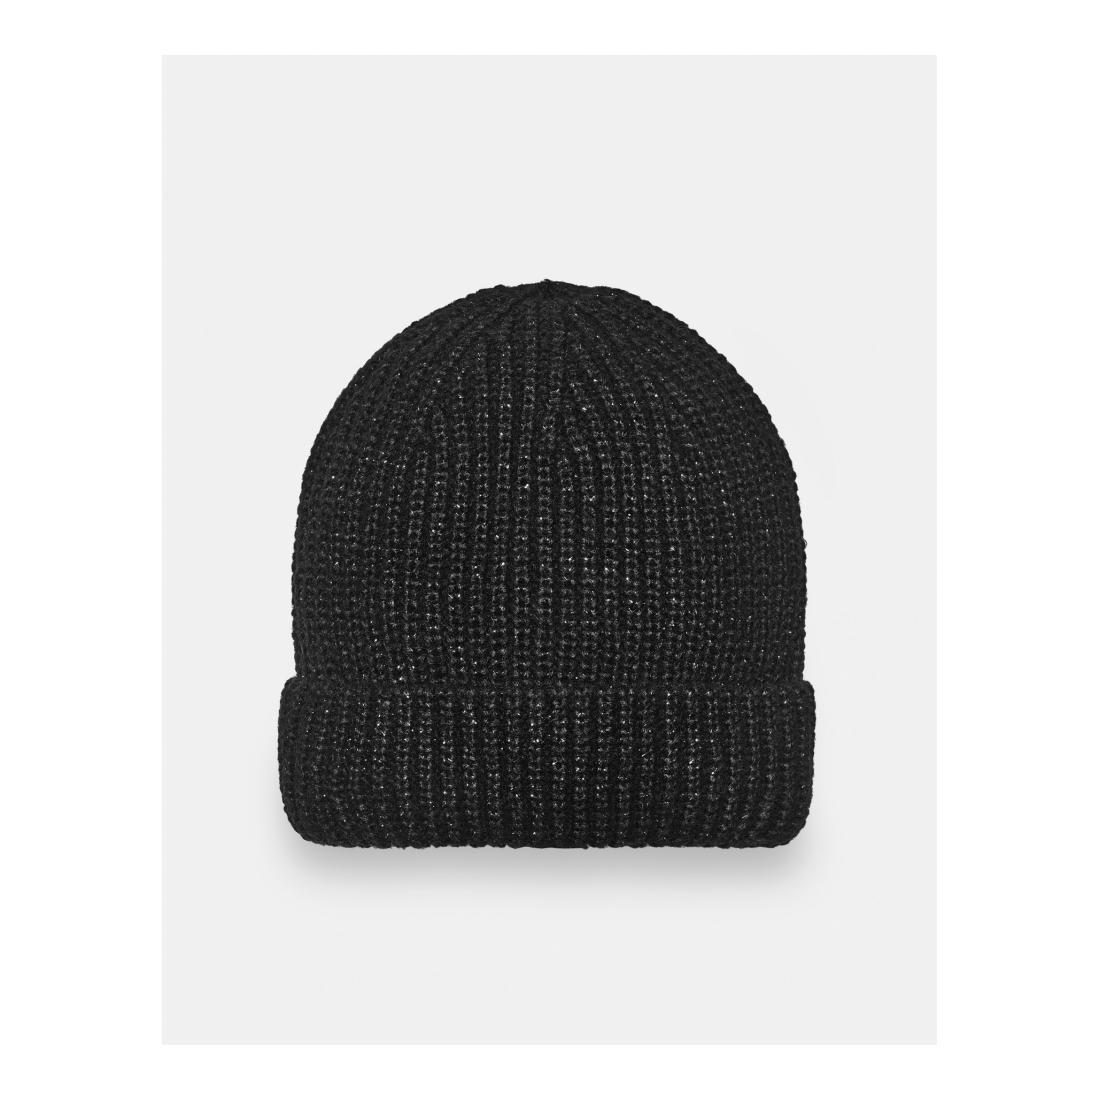 Someday Mützen Stirnband/Handschuhe Barkle cap